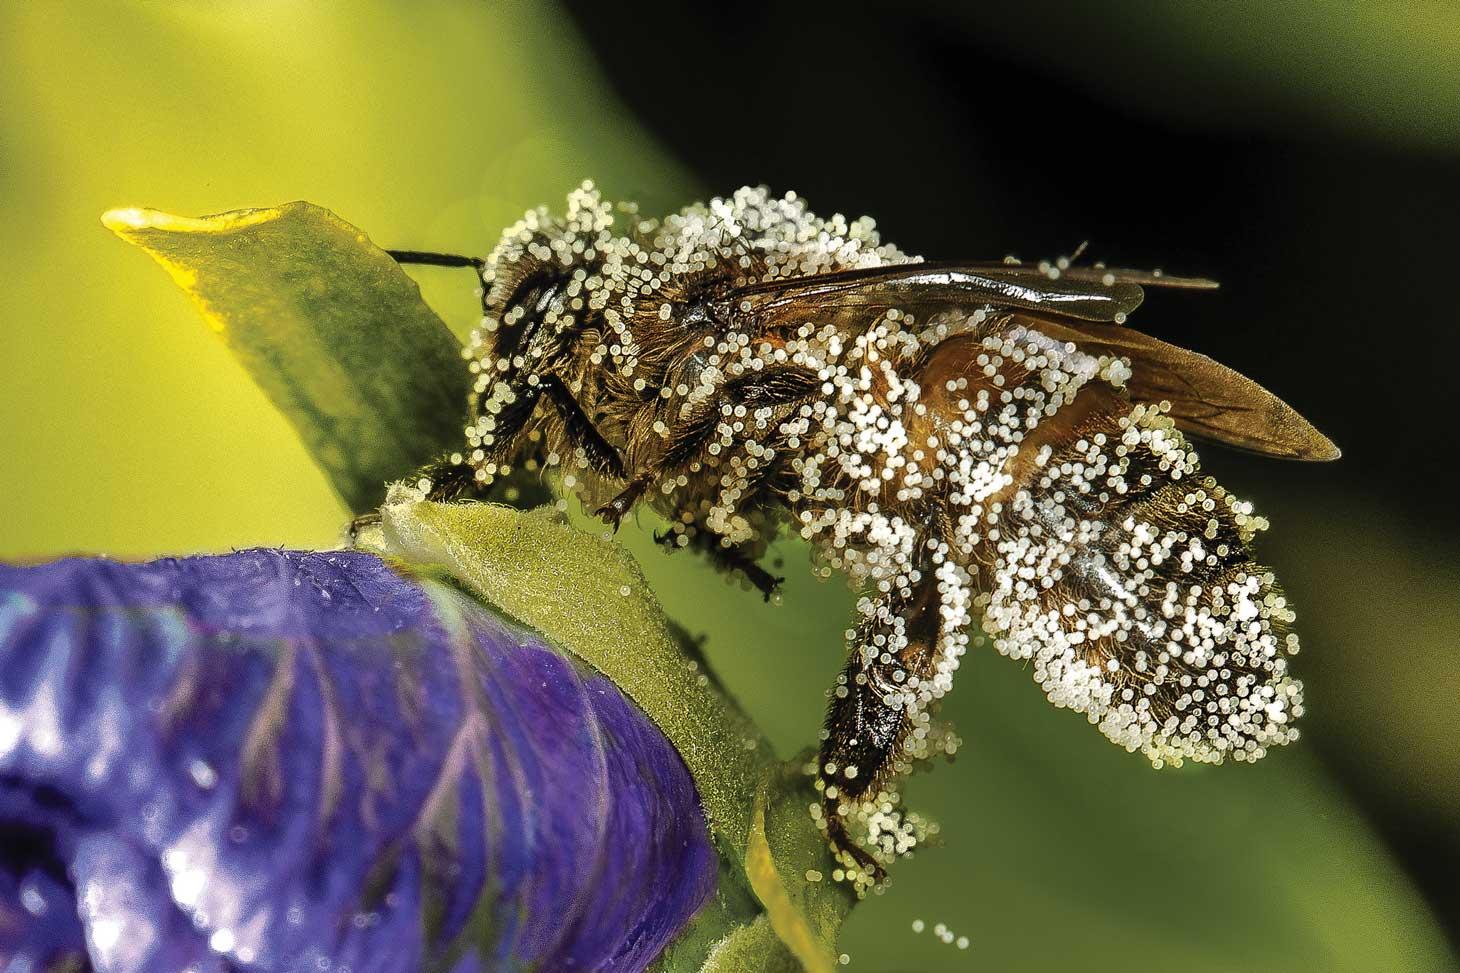 Abeille domestique (Apis mellifera) couverte de pollen. Photo extraite de l'exposition © Jacques Renoux